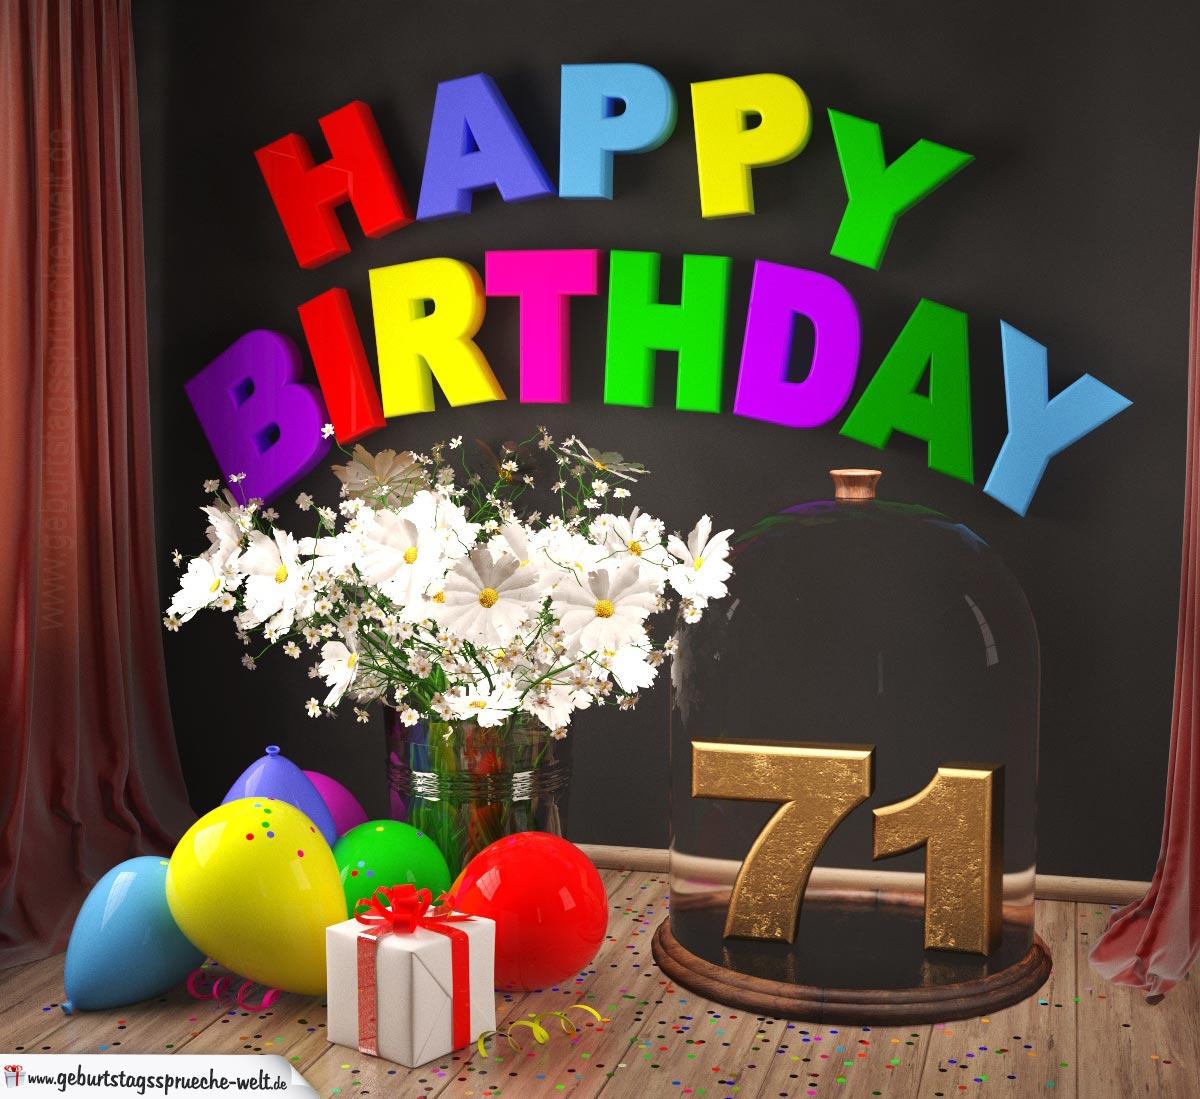 Happy Birthday 71 Jahre Glückwunschkarte mit Margeriten-Blumenstrauß, Luftballons und Geschenk unter Glasglocke